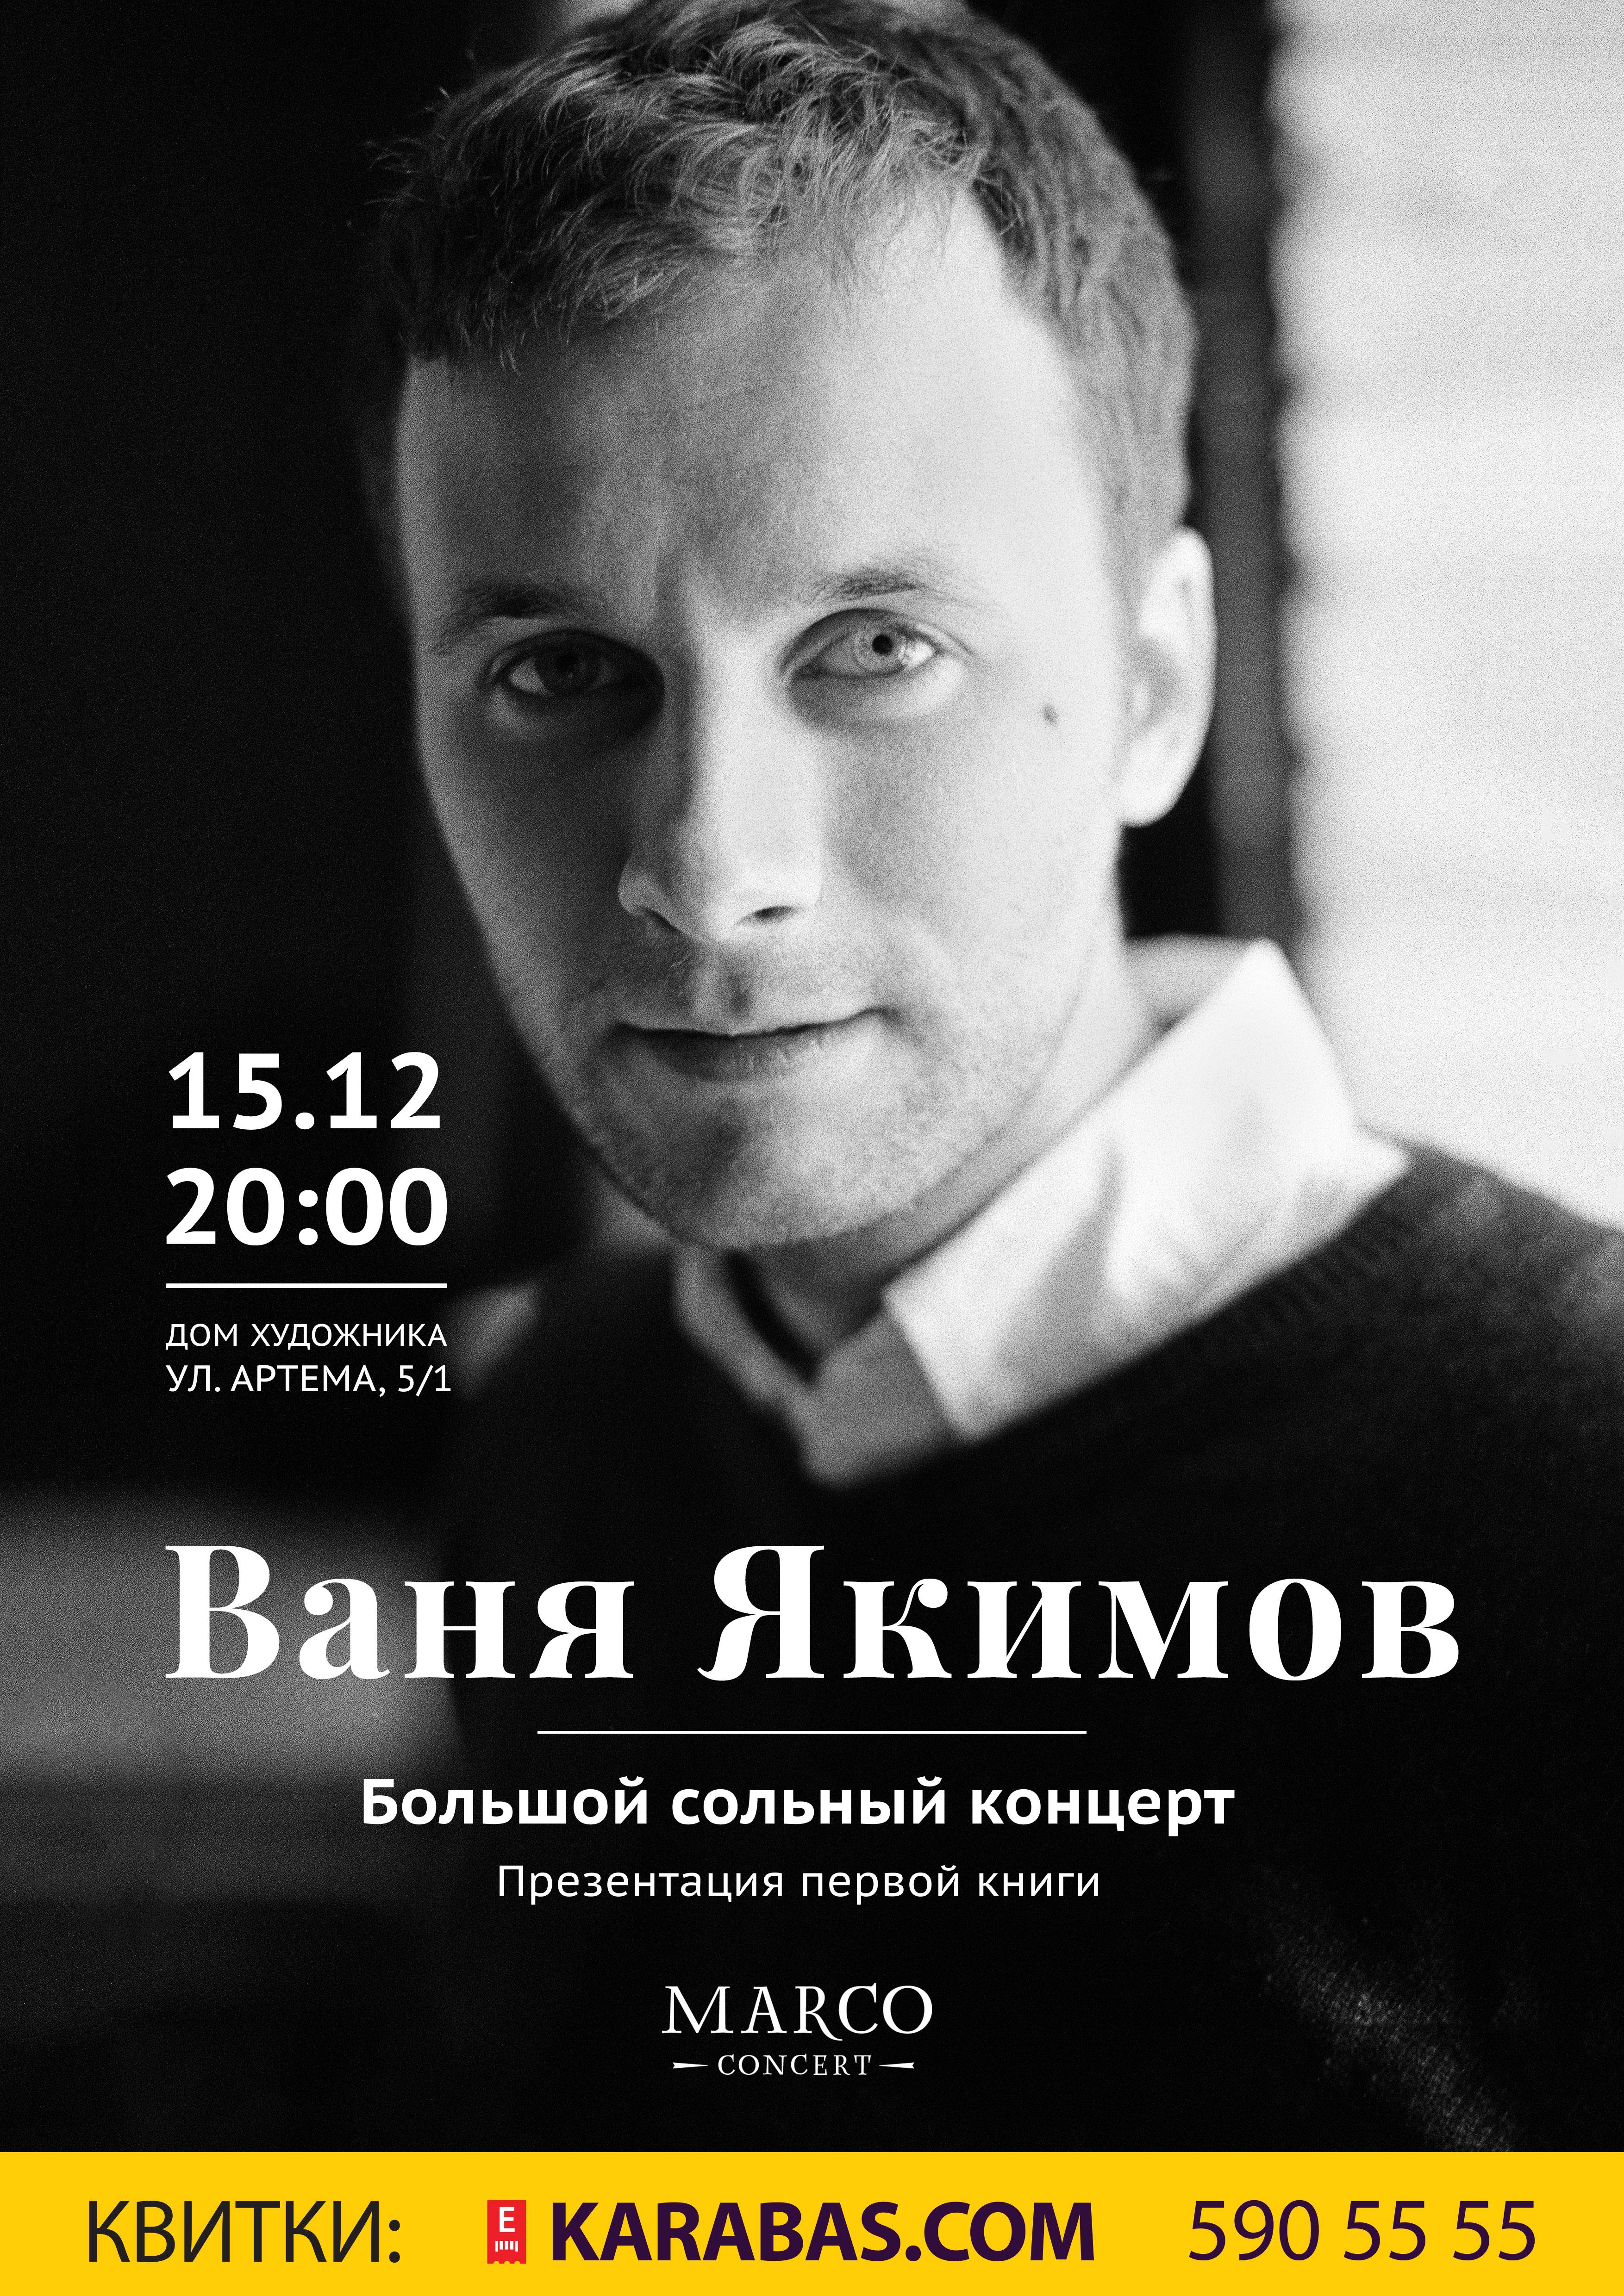 Ваня Якимов: Большой сольный концерт. Презентация первой книги